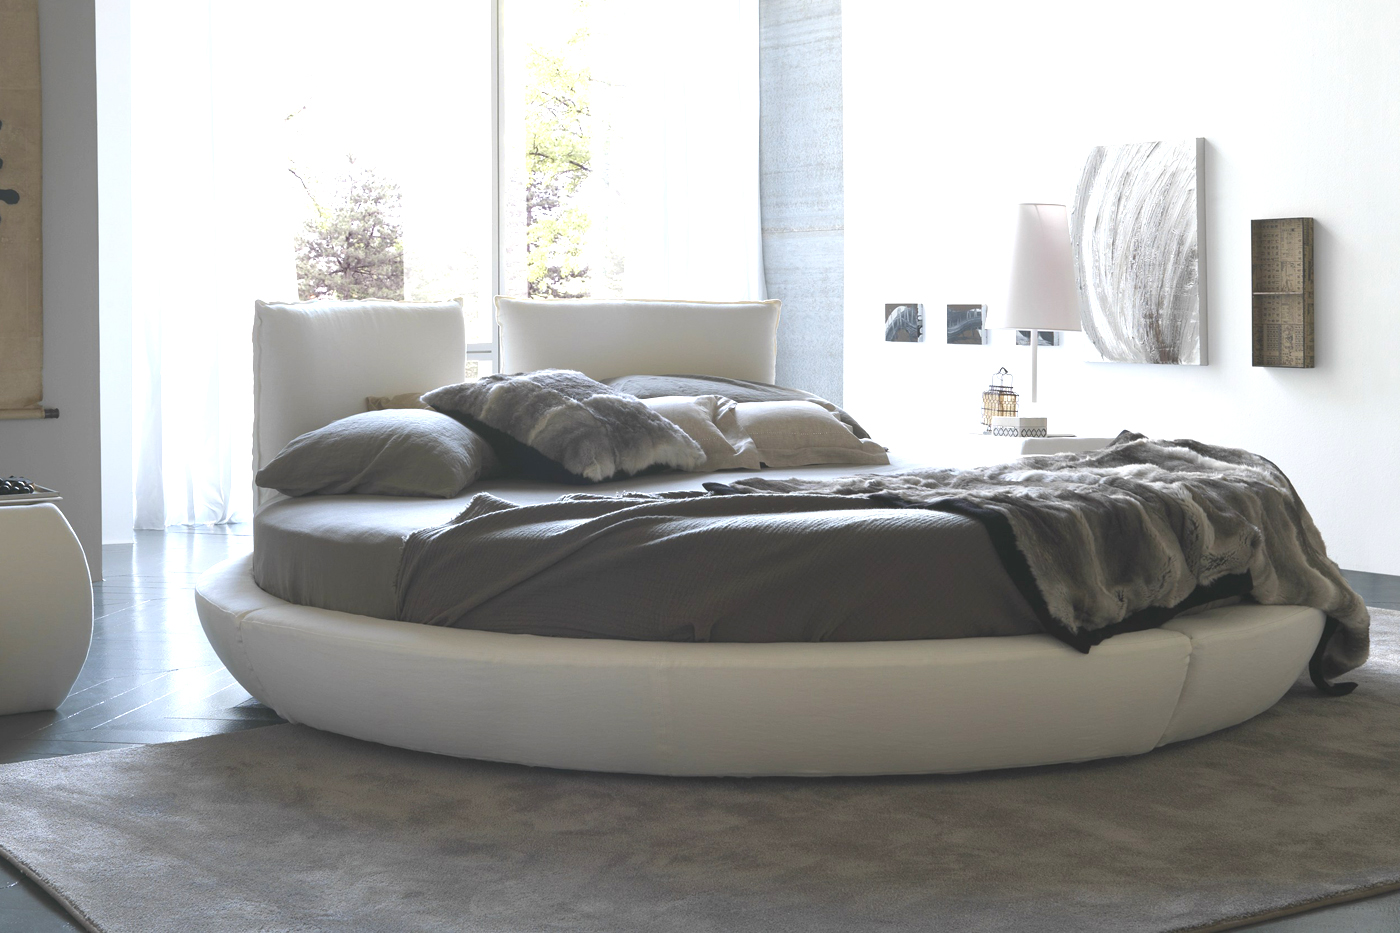 Современная бело-серая круглая кровать в спальне